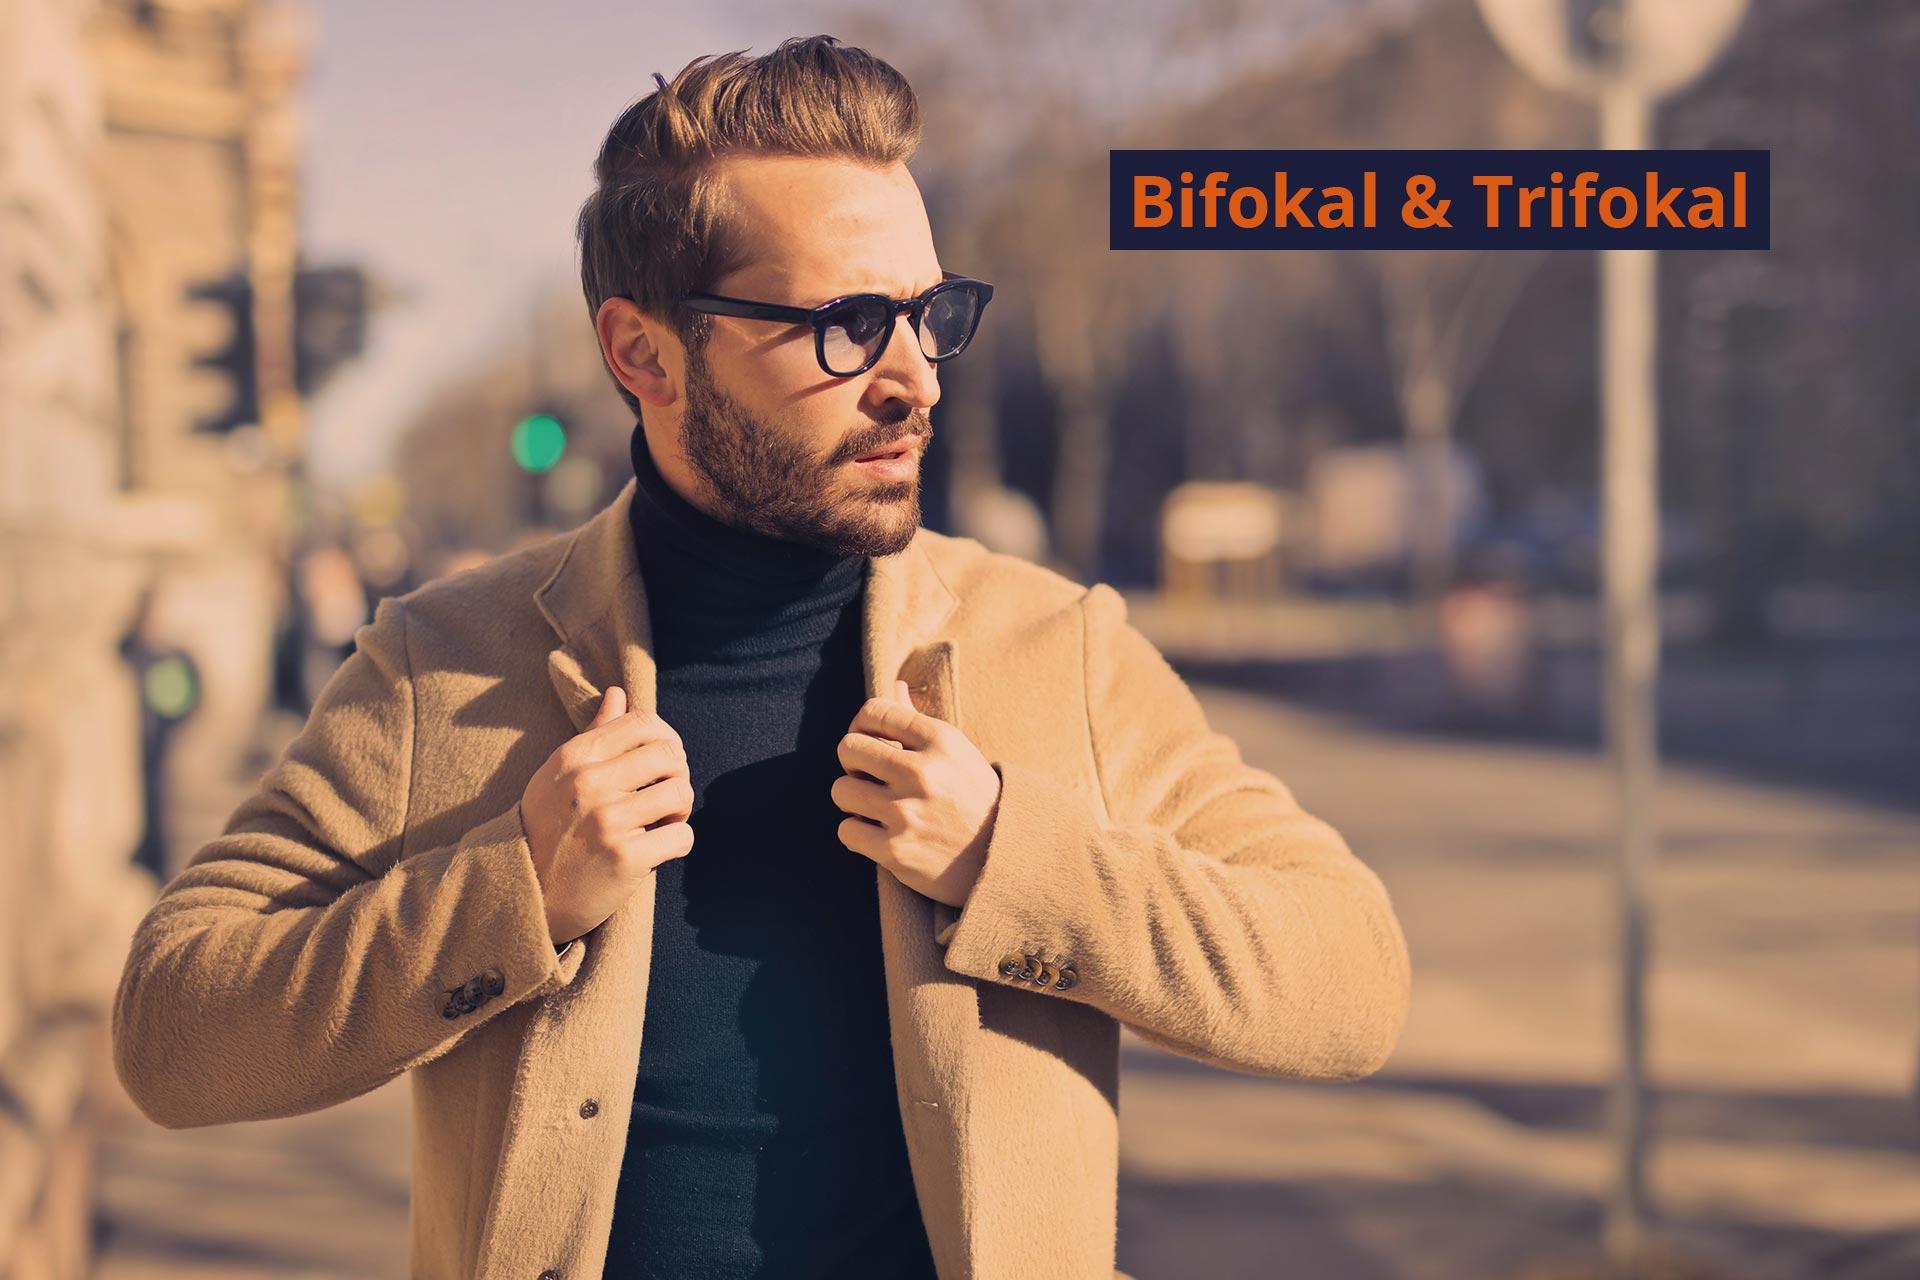 Bifokal & Trifokal